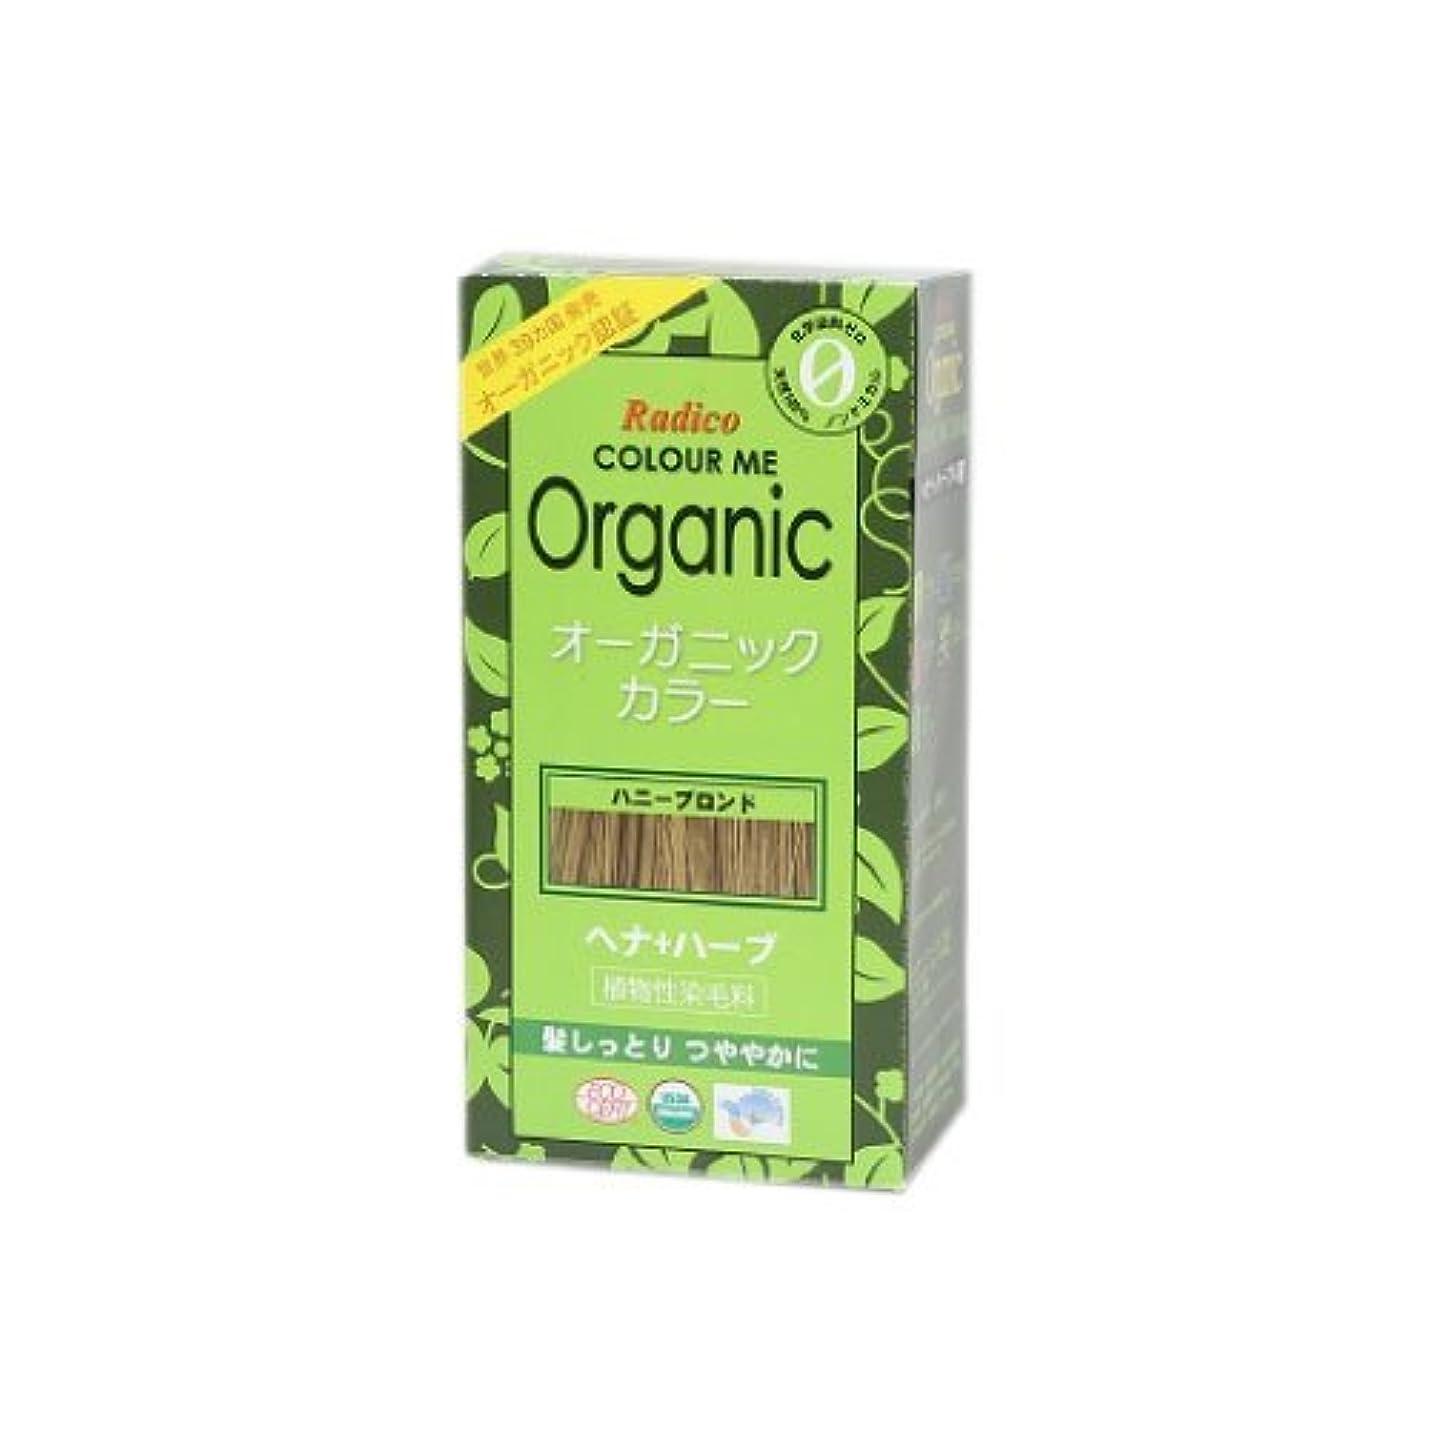 バングラデシュアブストラクトアカウントCOLOURME Organic (カラーミーオーガニック ヘナ 白髪用) ハニーブロンド 100g